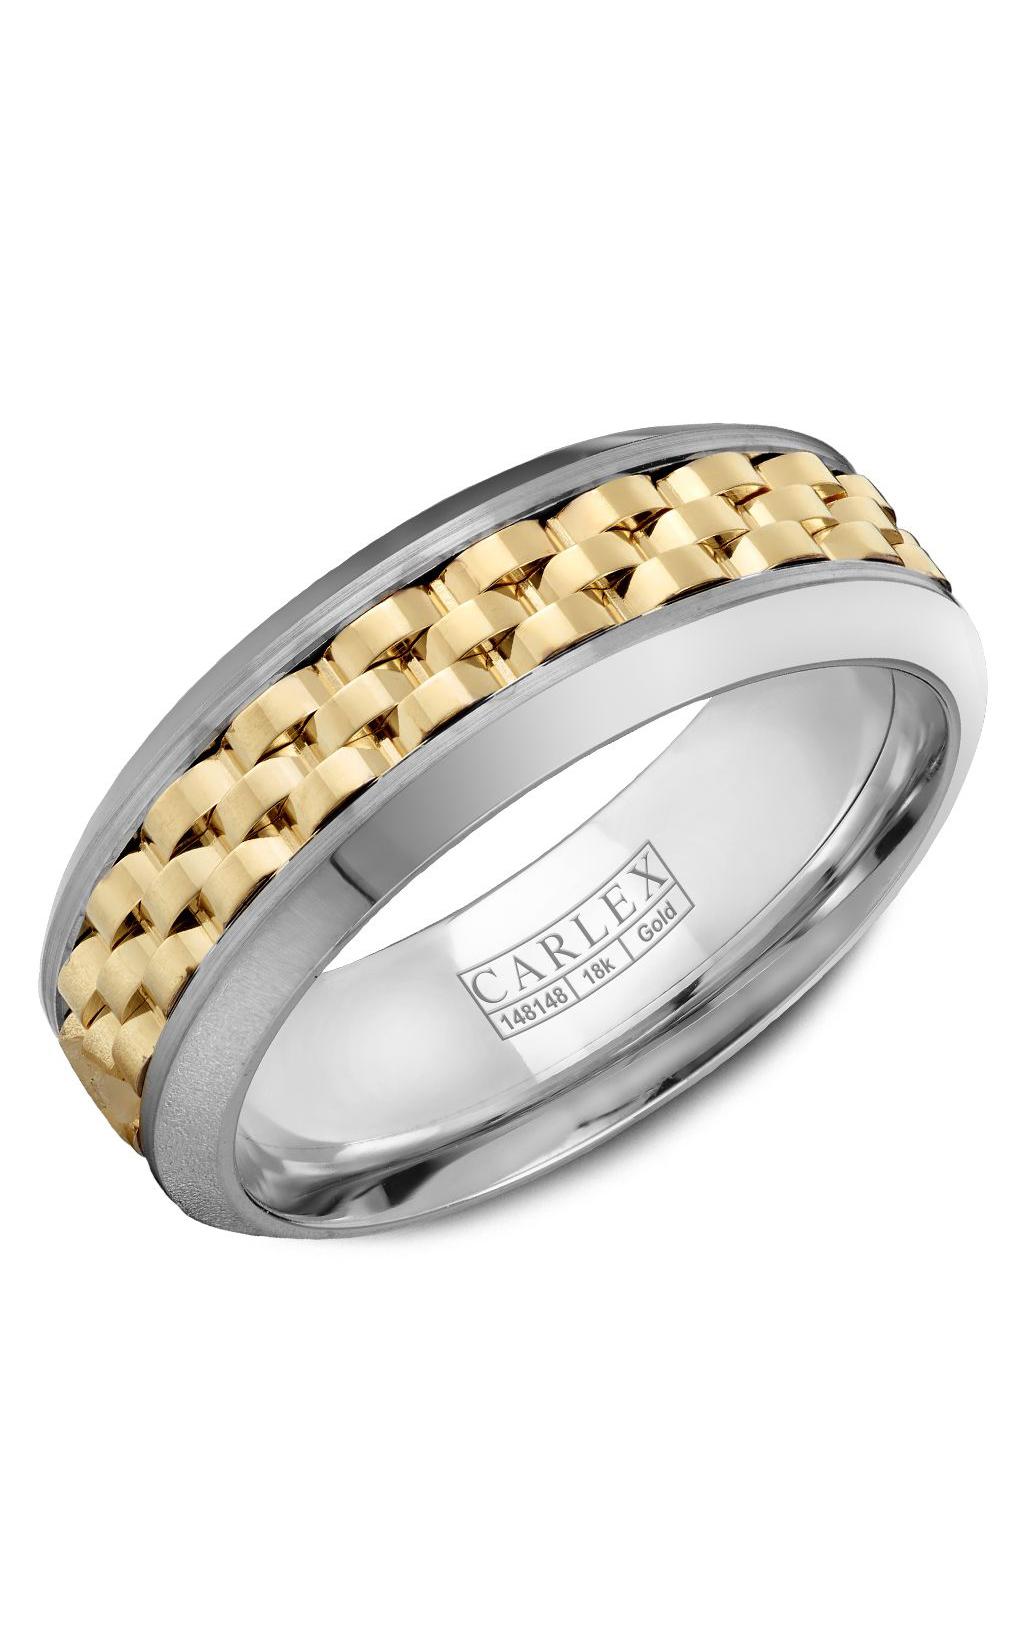 Carlex G3 Men's Wedding Band CX3-0021YYW product image